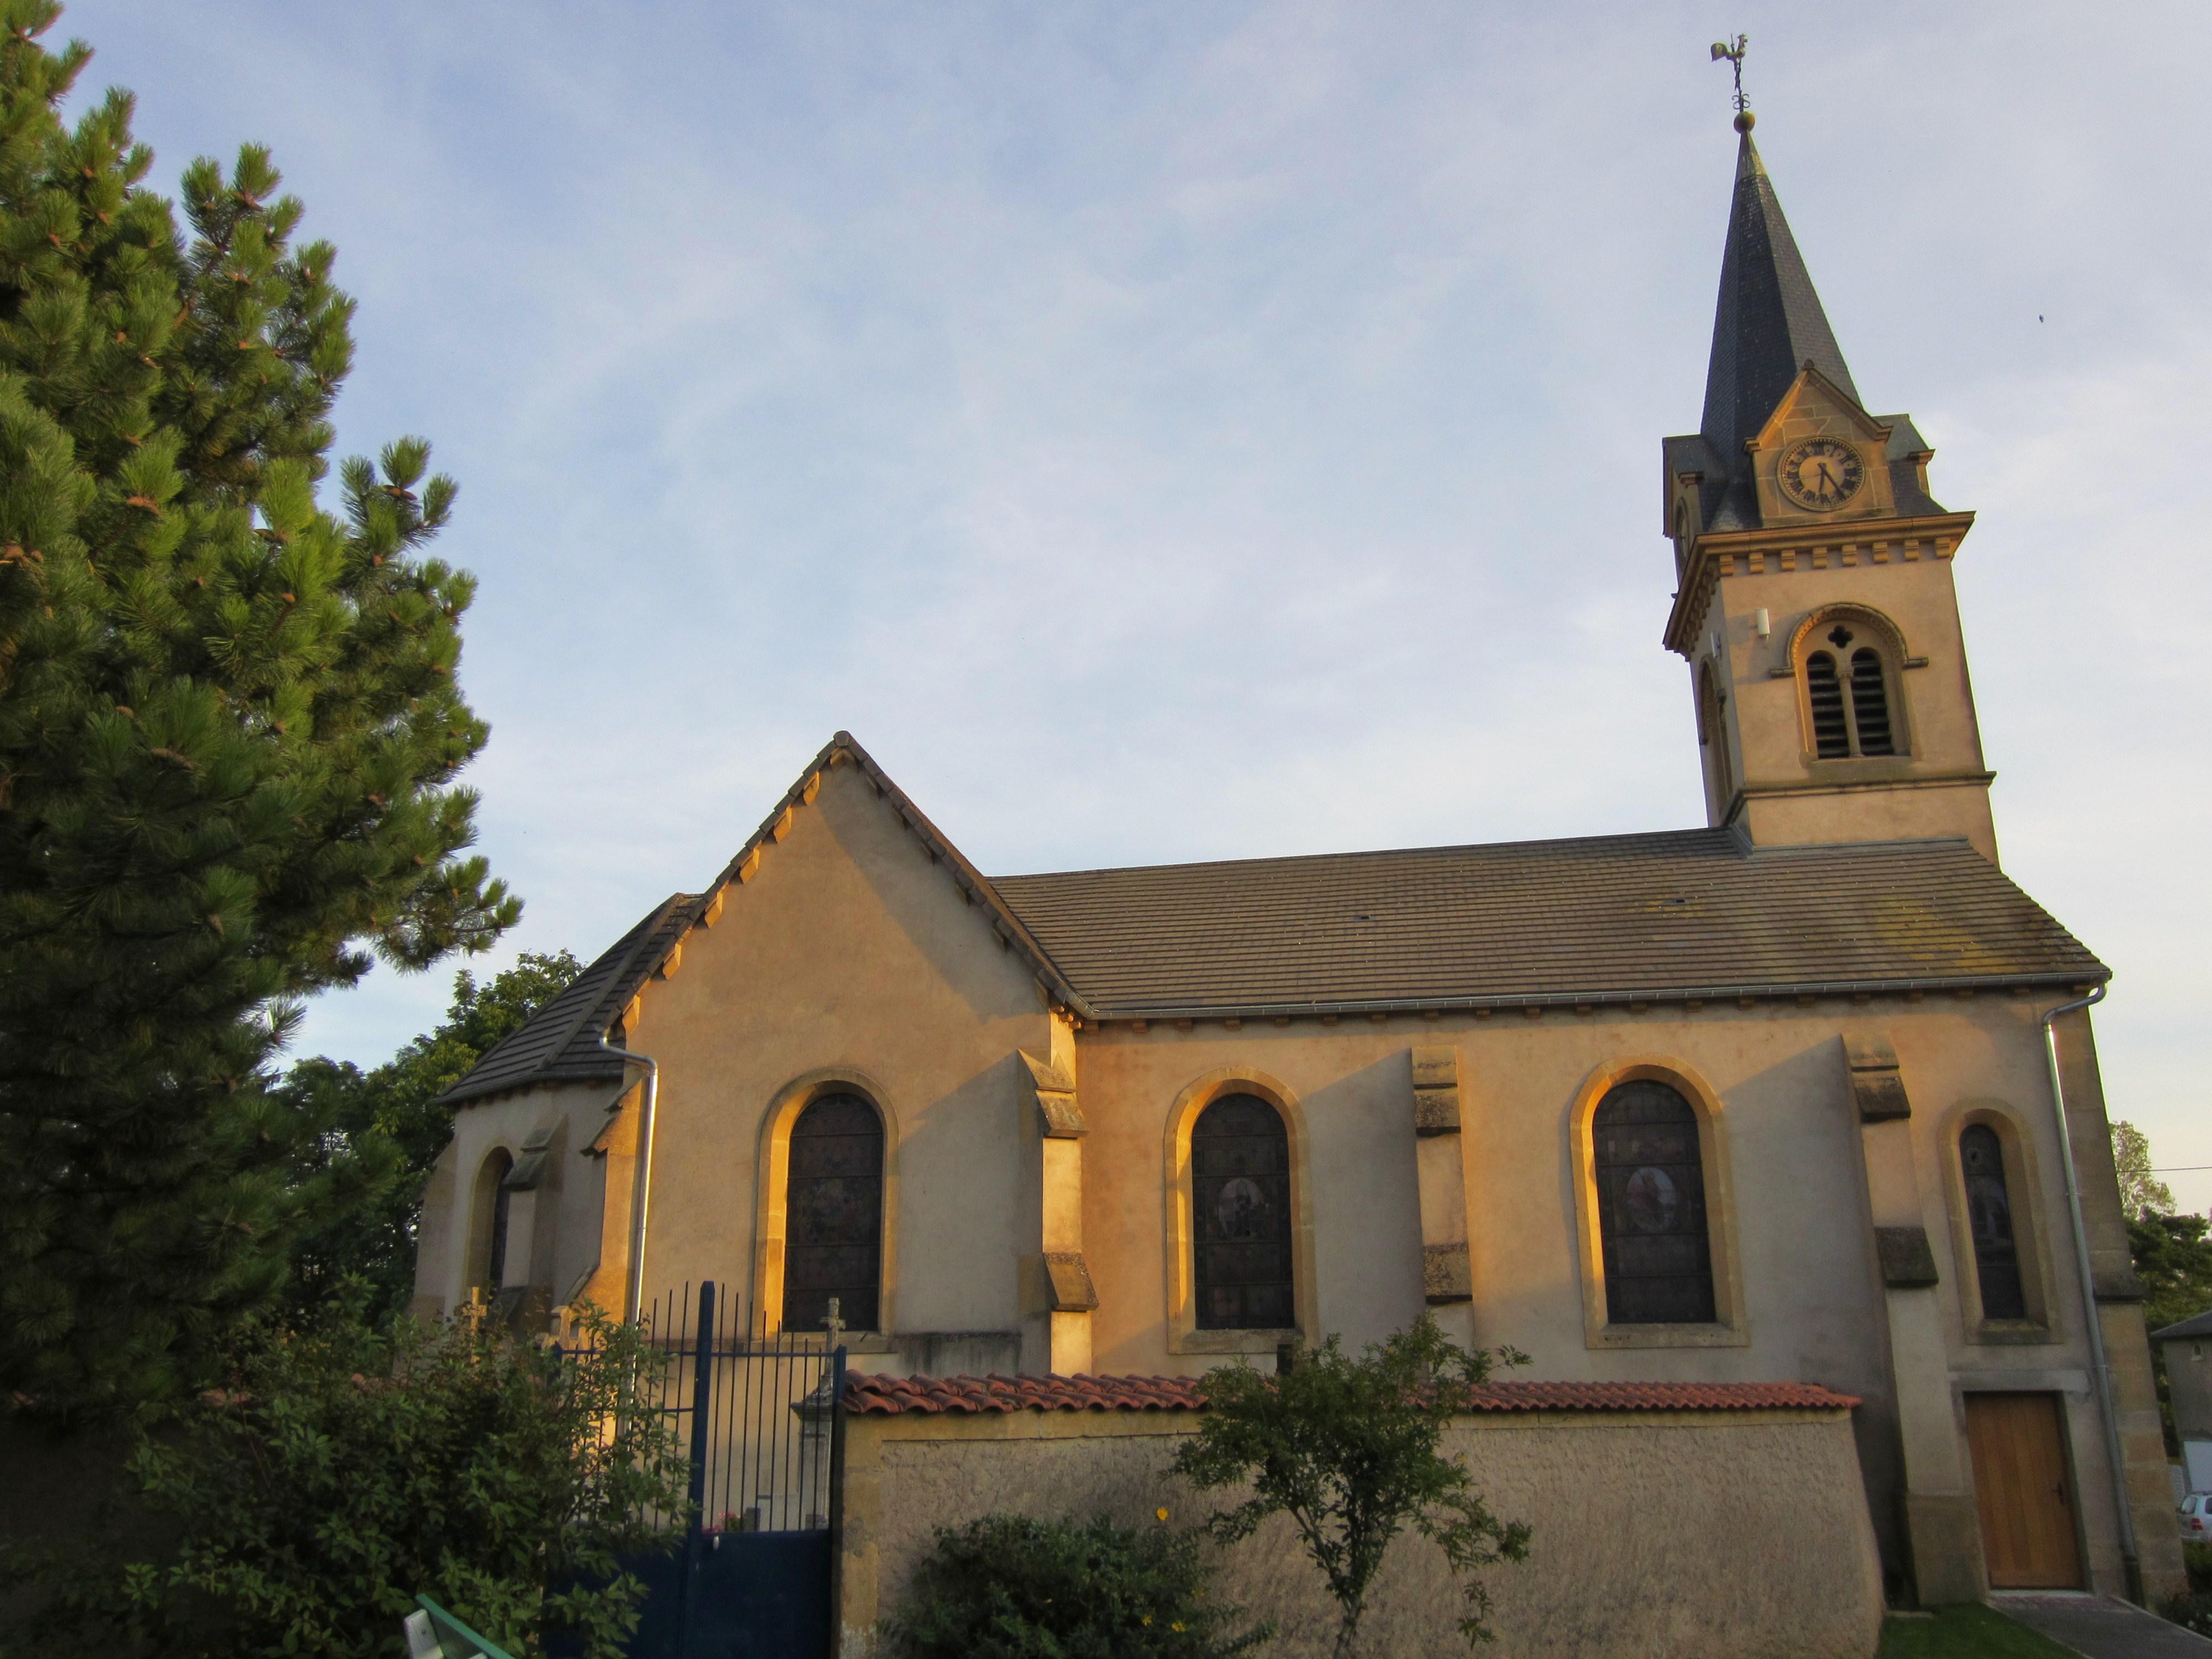 Friauville